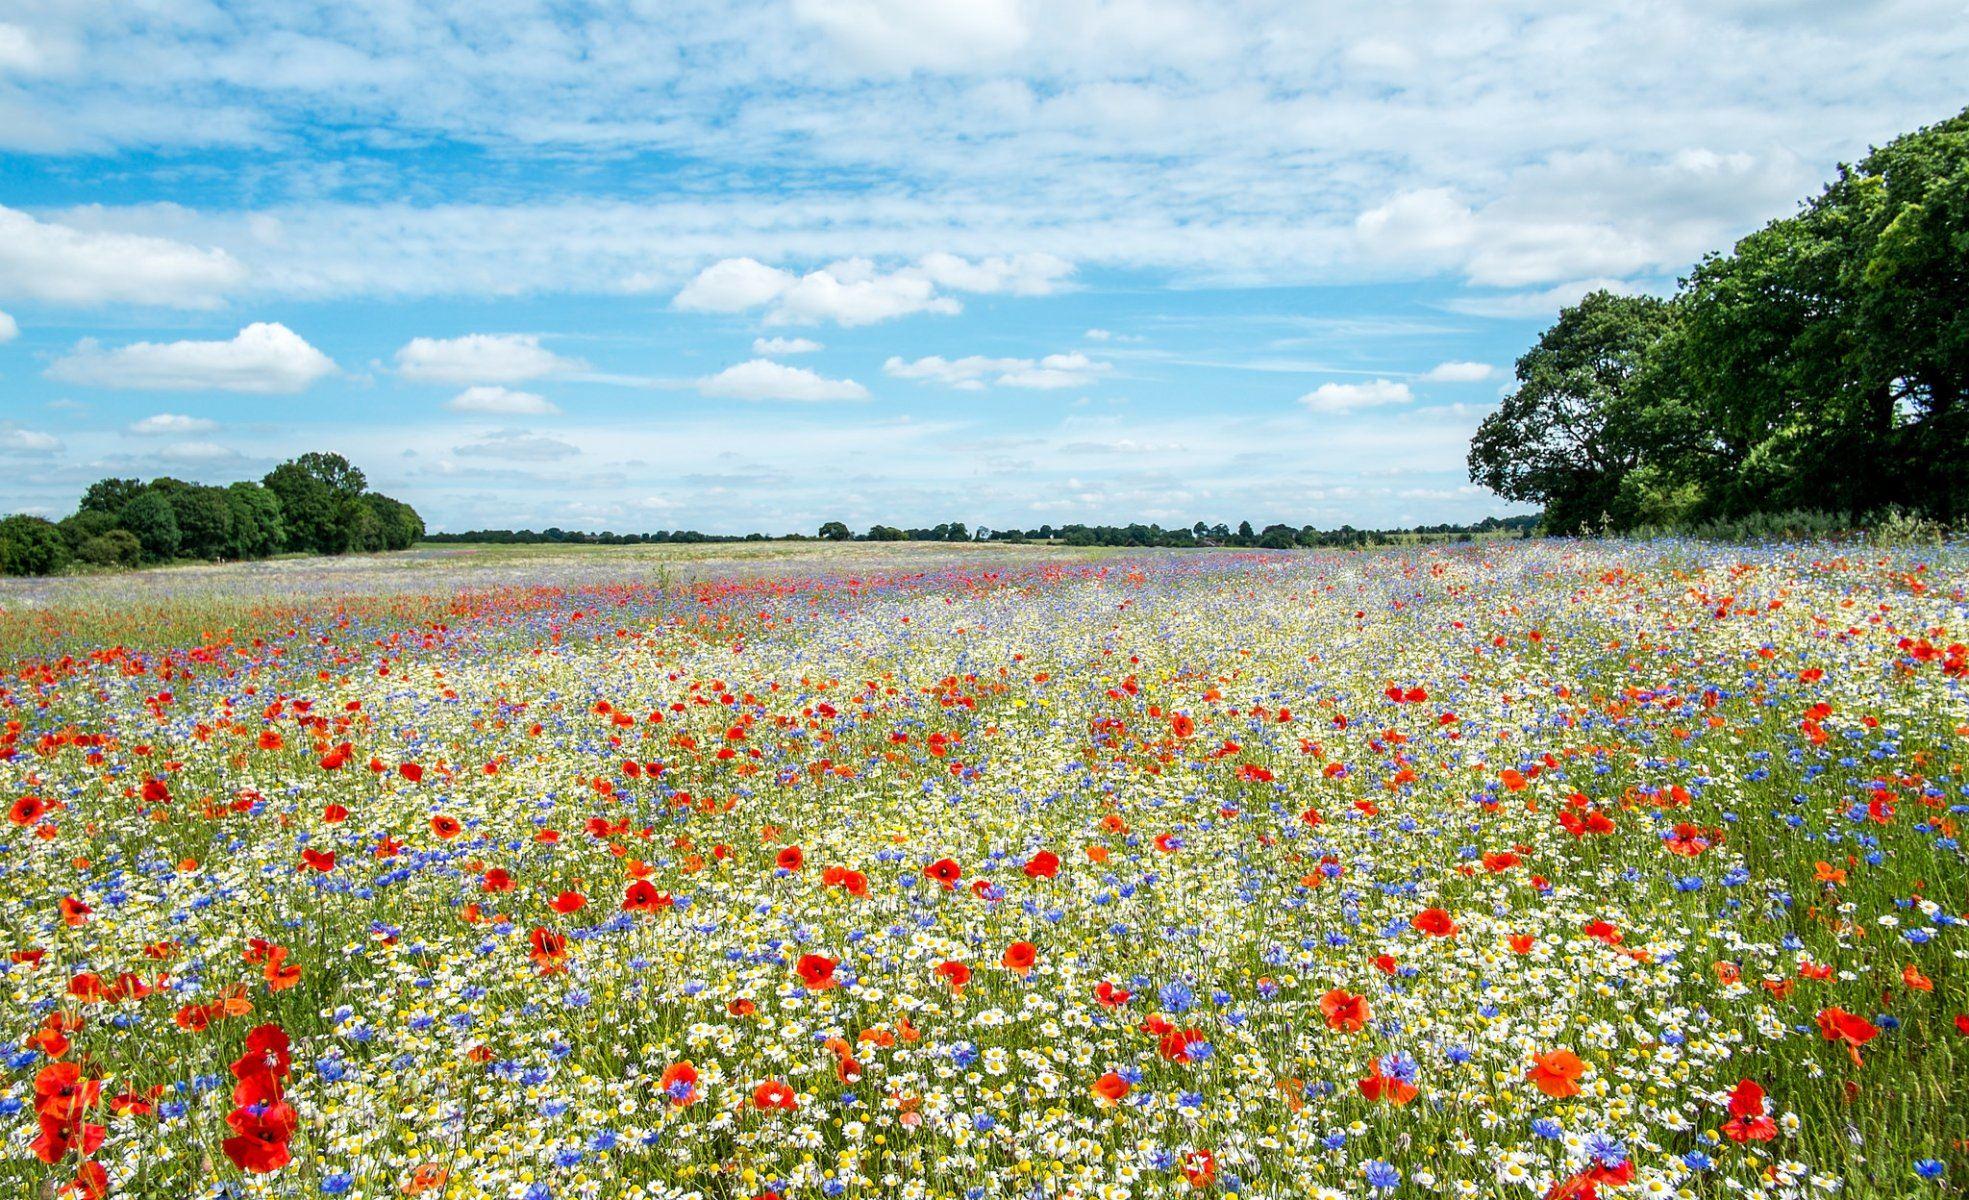 пригласительных билетах фото цветущих полей и лугов ветками